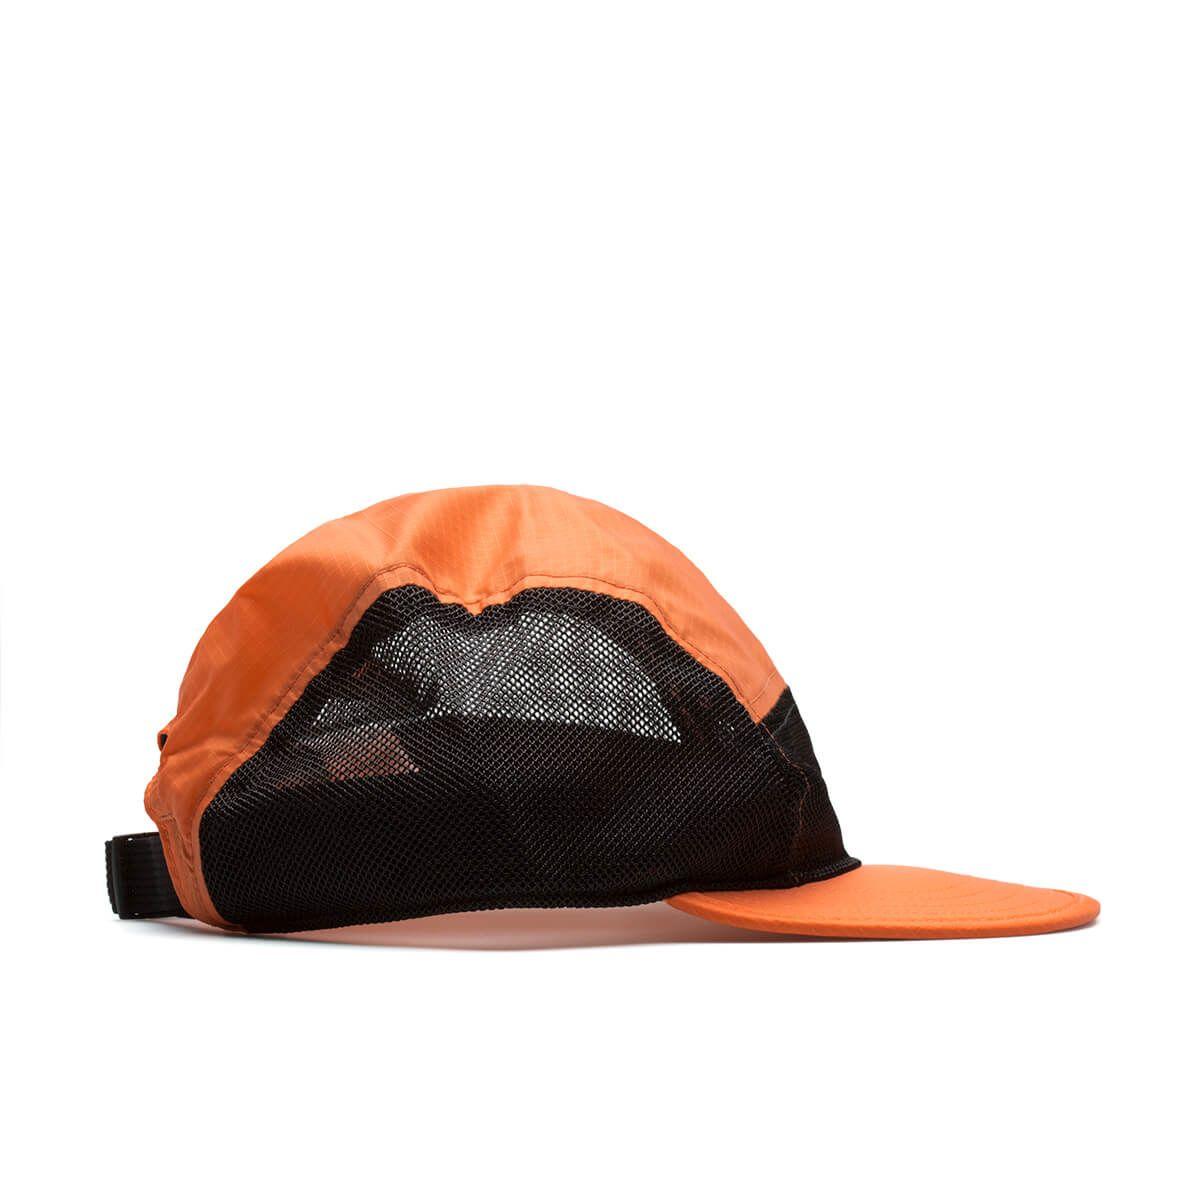 Adidas Originals Atric Cap